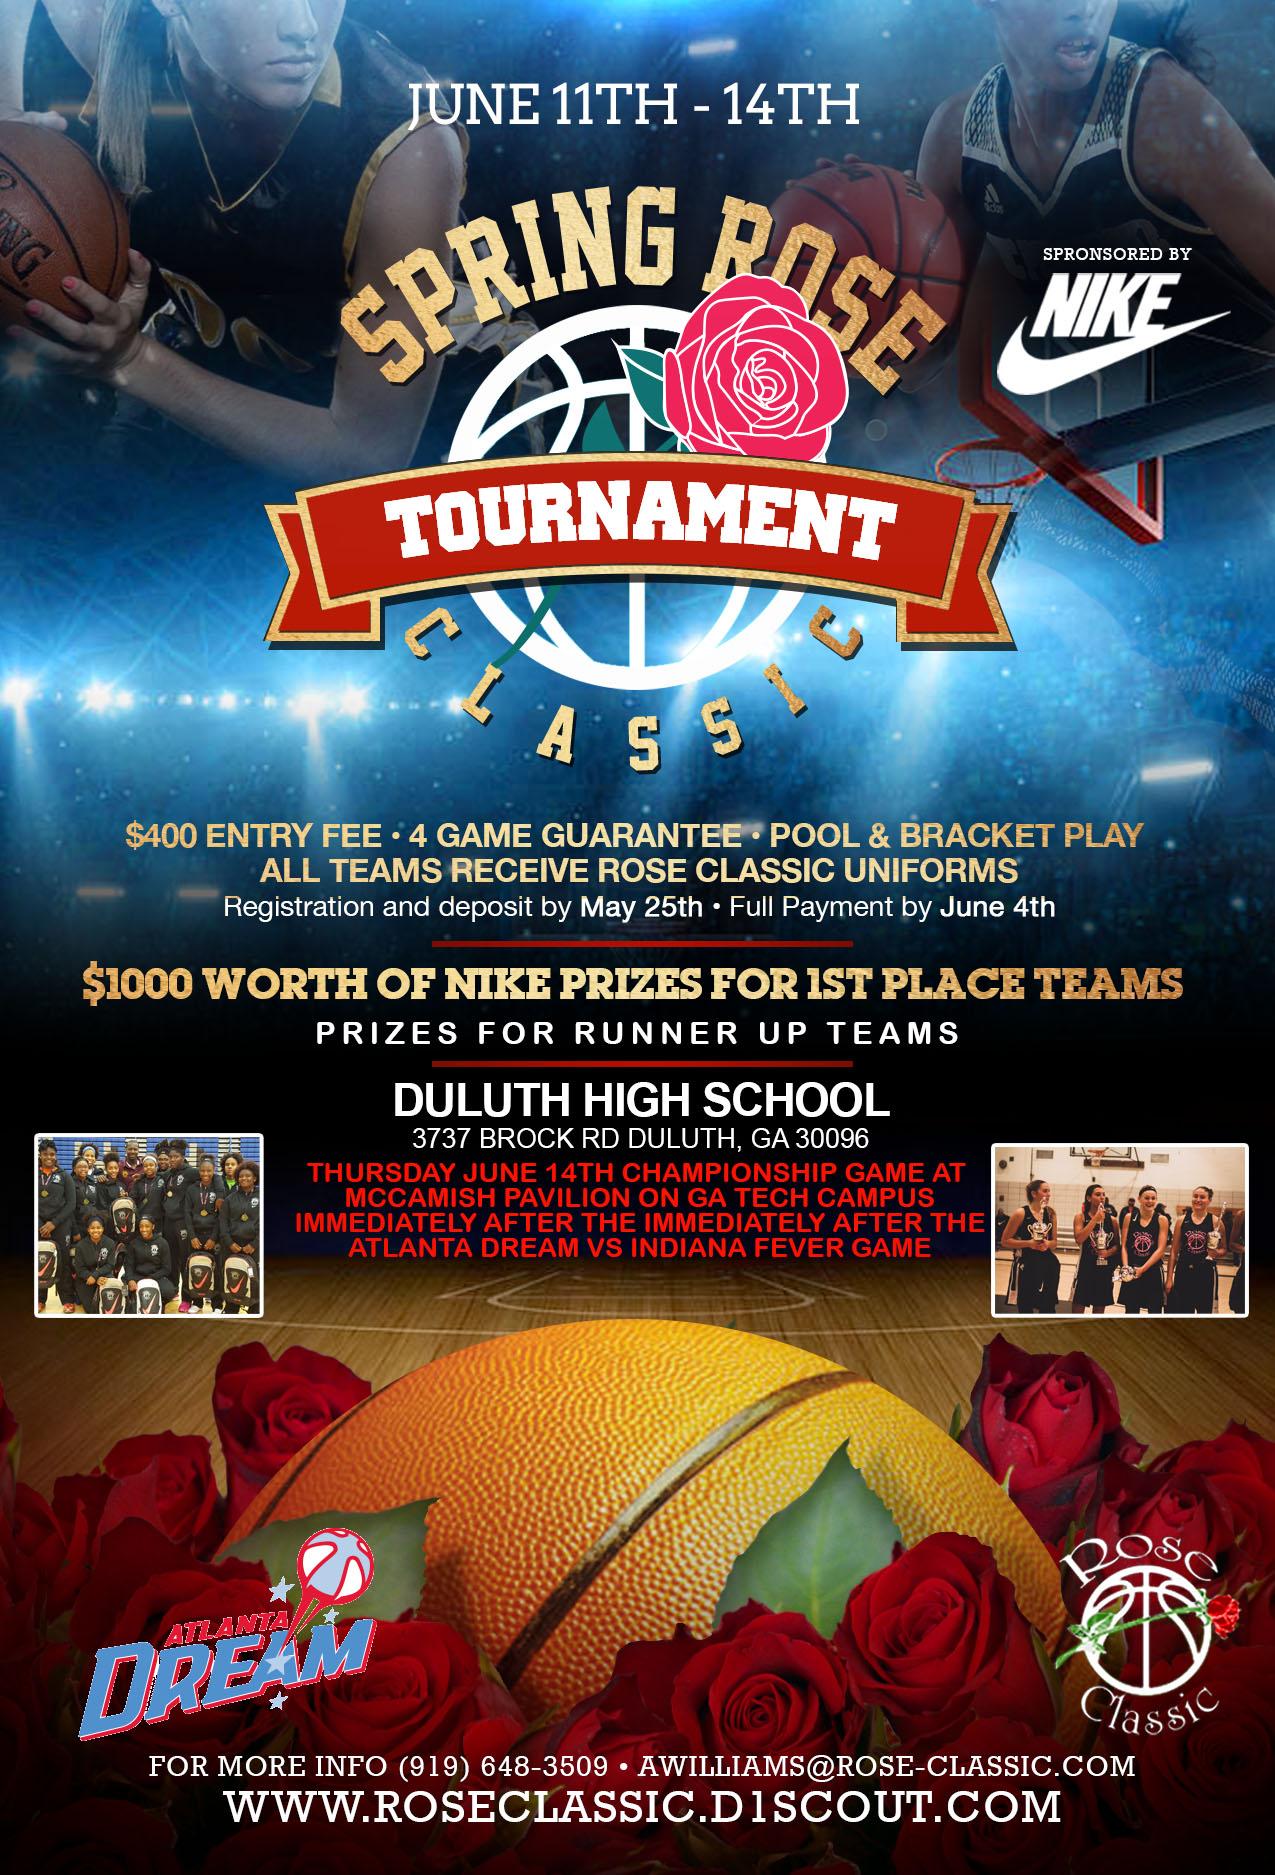 Rose Classic Basketball Tournament Starting June 11th in Atlanta